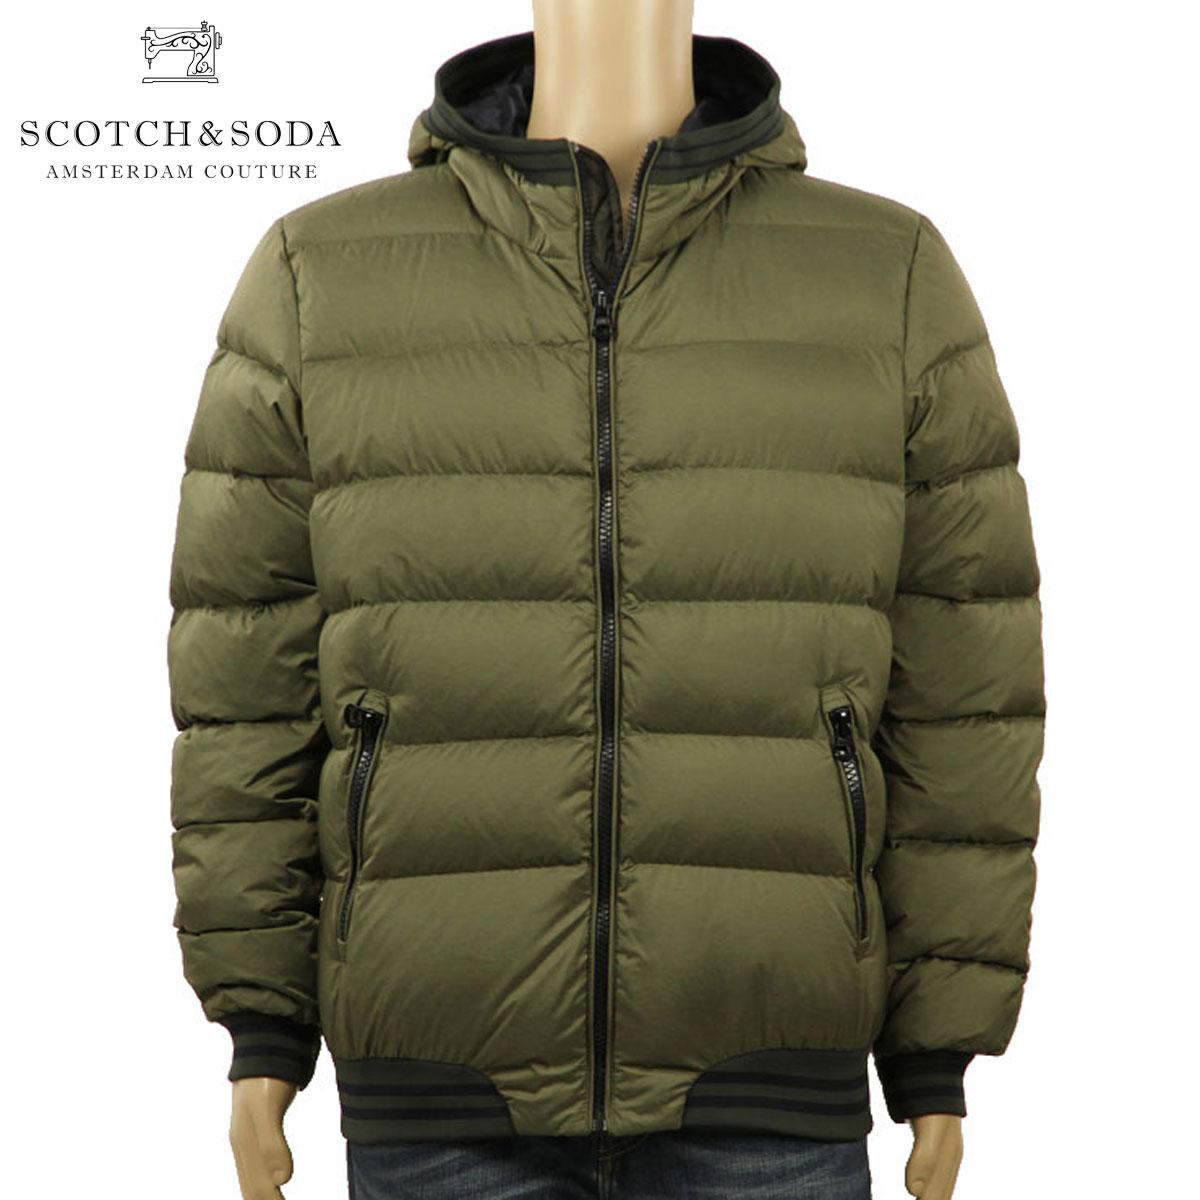 スコッチアンドソーダ SCOTCH&SODA 正規販売店 メンズ アウタージャケット Classic bomber jacket in nylon quality 135351 8V D00S20